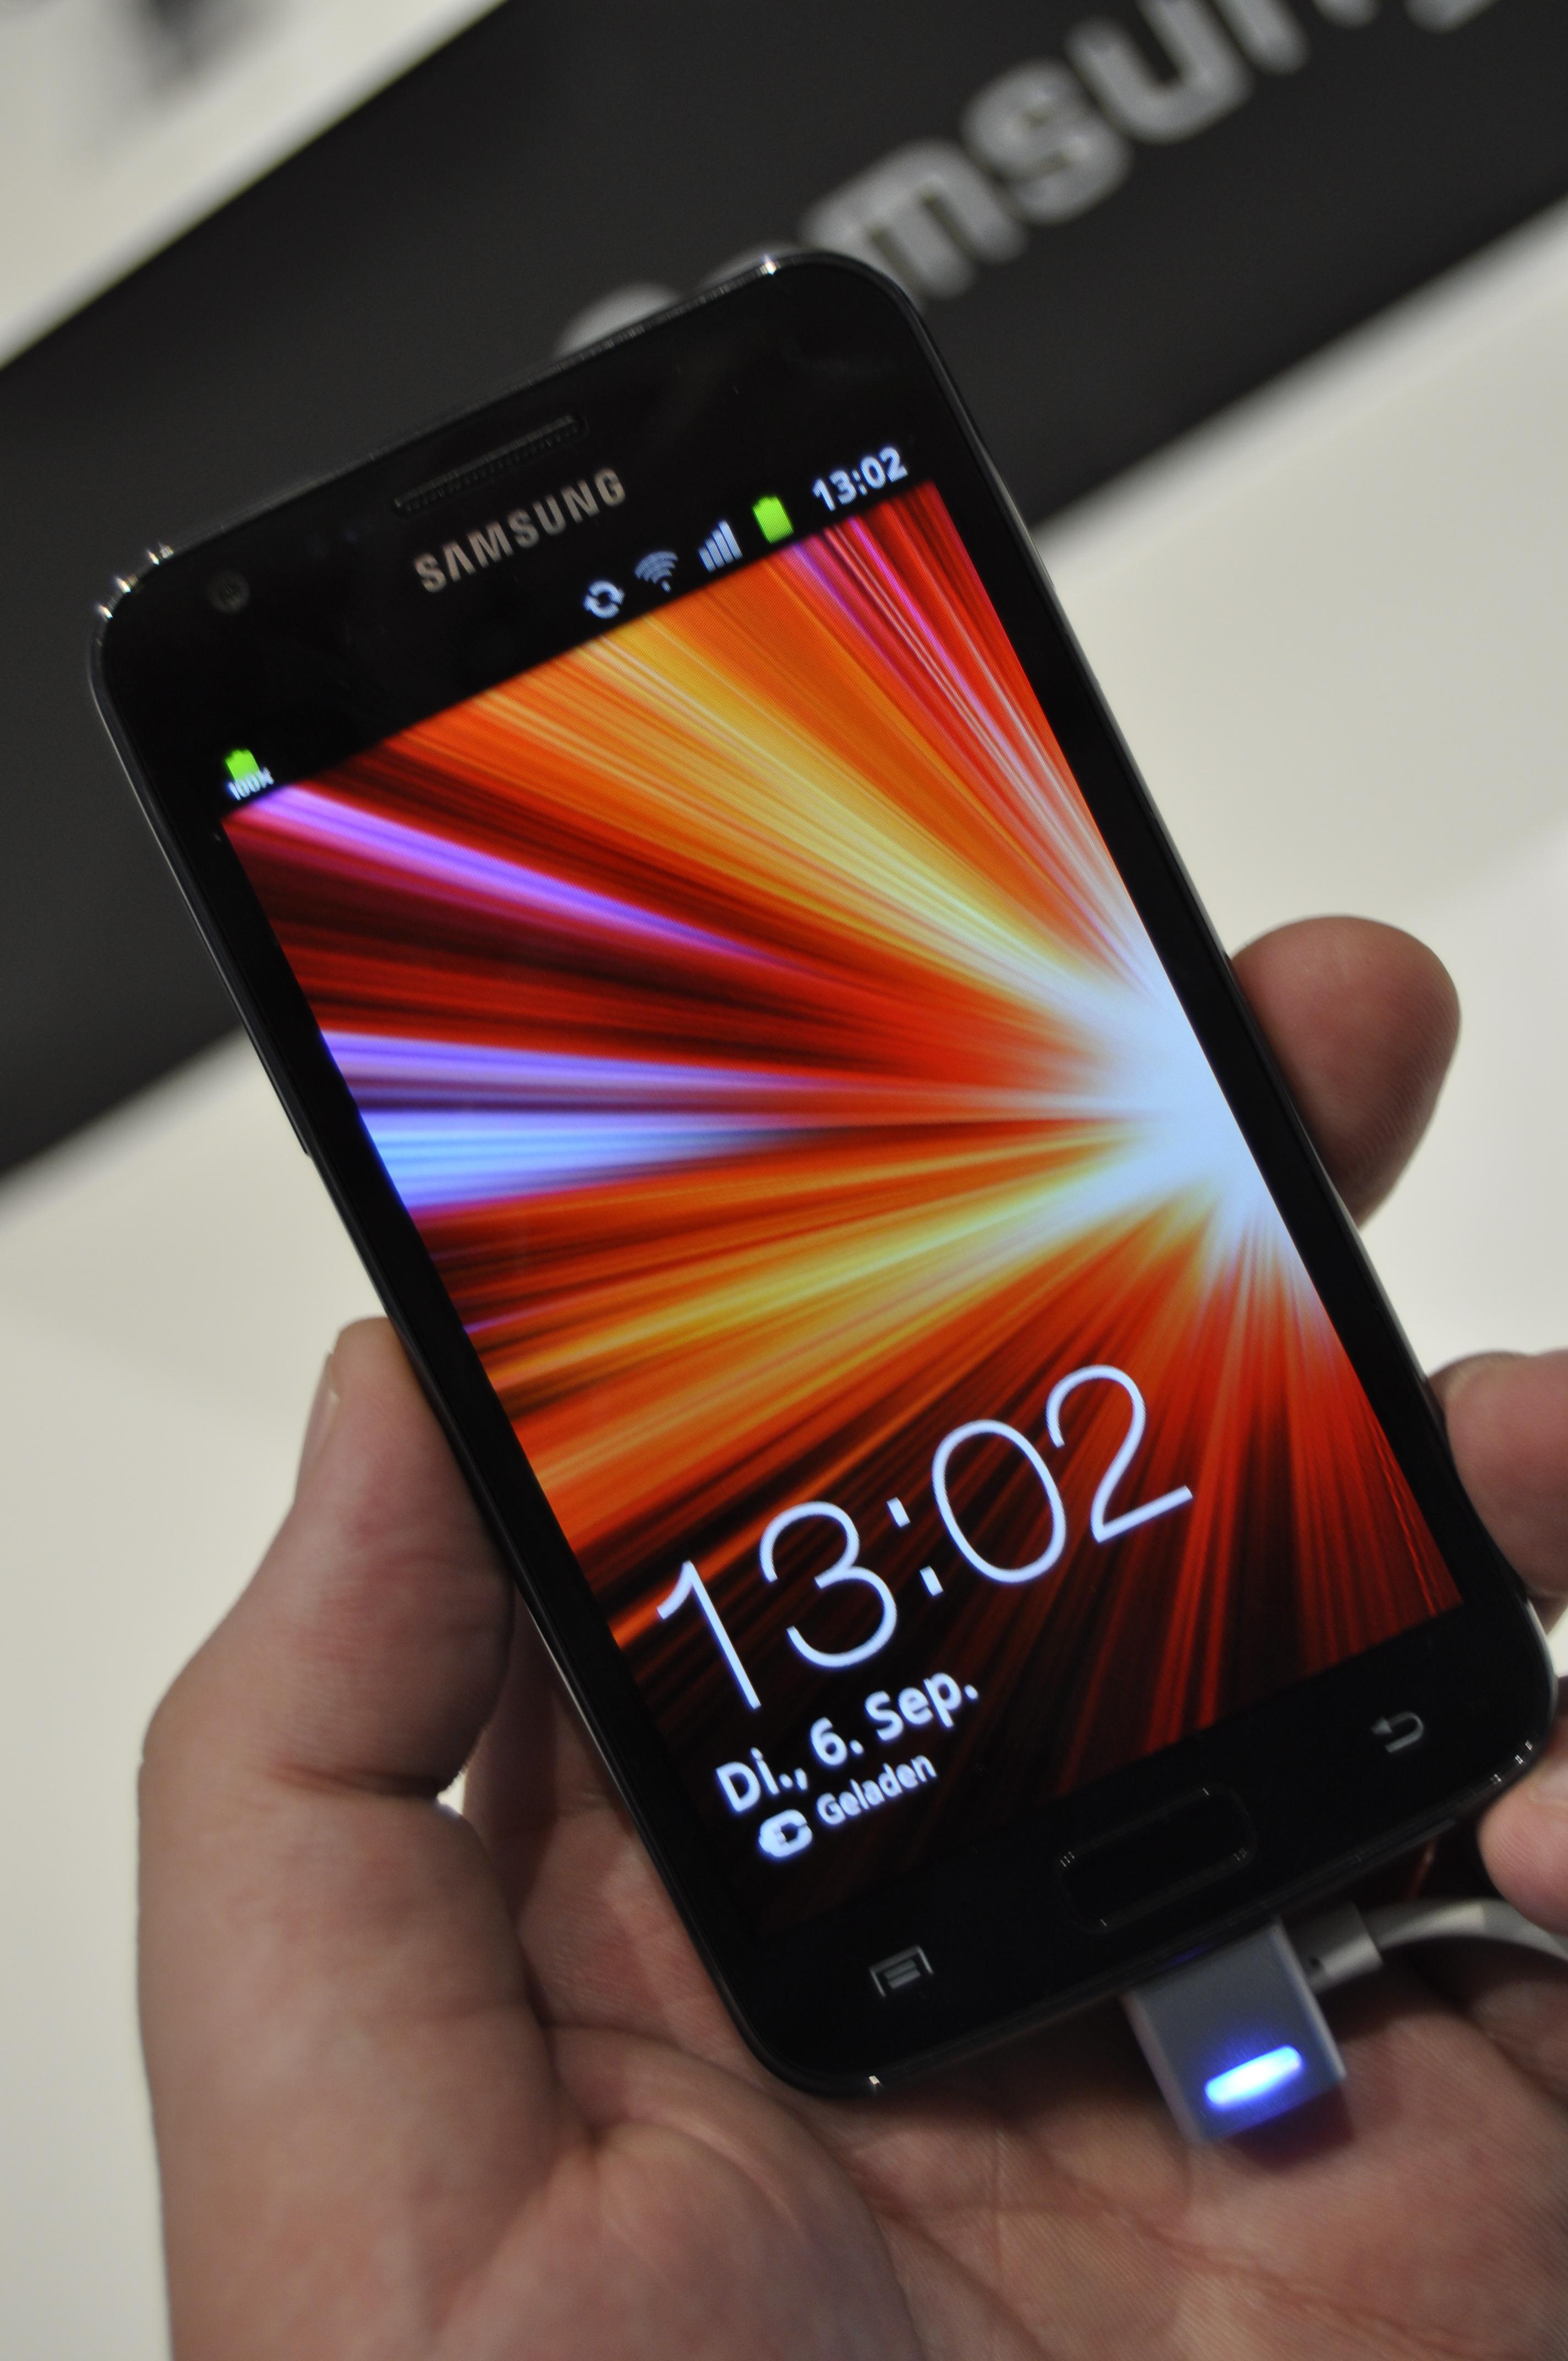 Galaxy S II LTE har større skjerm enn sin navnebror, men den har ikke høyere oppløsning. Bildekvaliteten er likevel fortsatt i toppklasse.